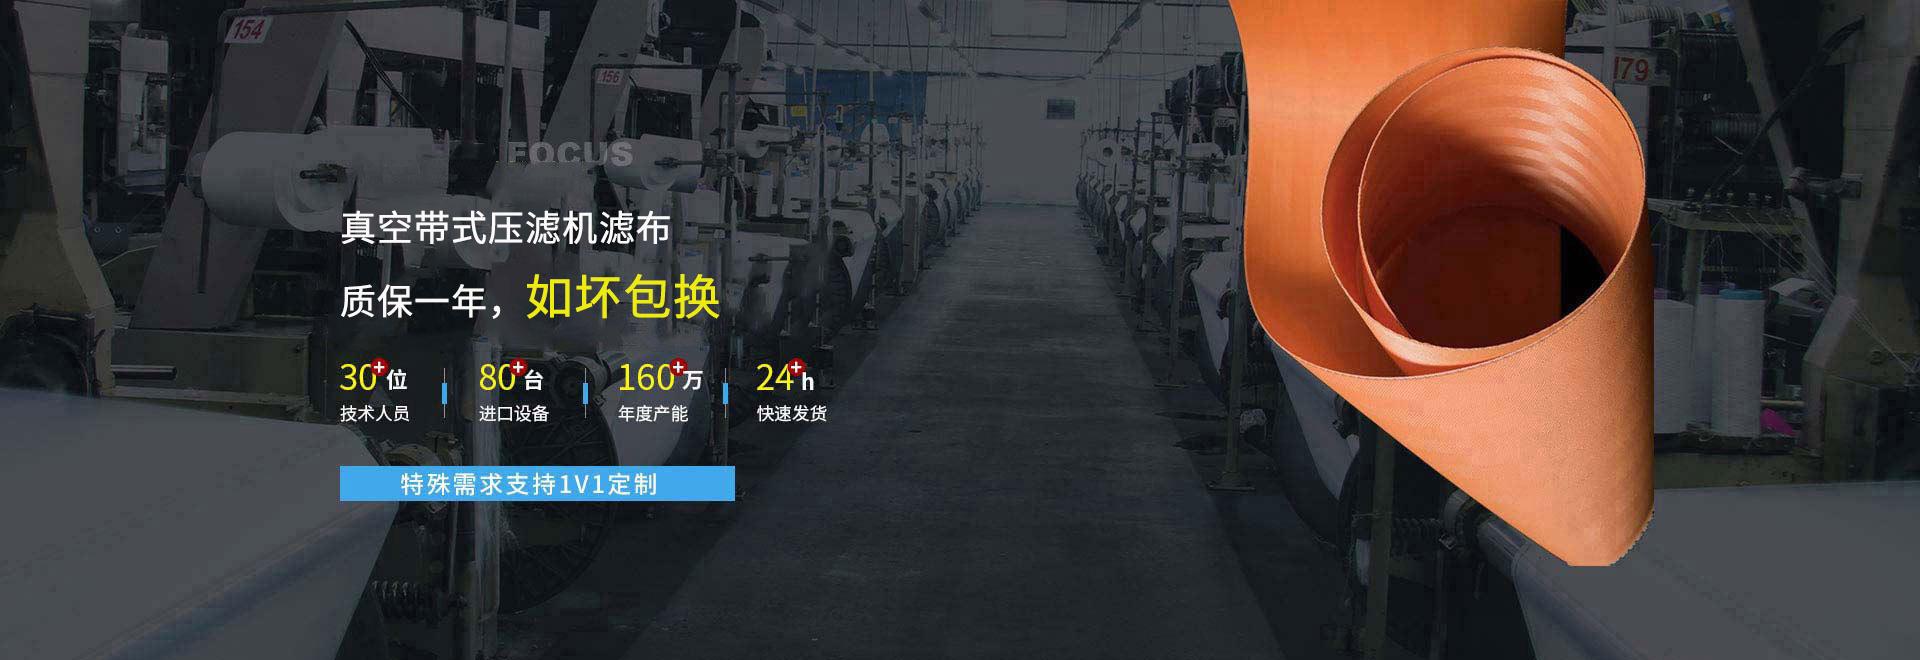 旭瑞网业28年来只专注滤布研发制造30多位技术人员 80余台进口设备160万年产能快至24小时发货